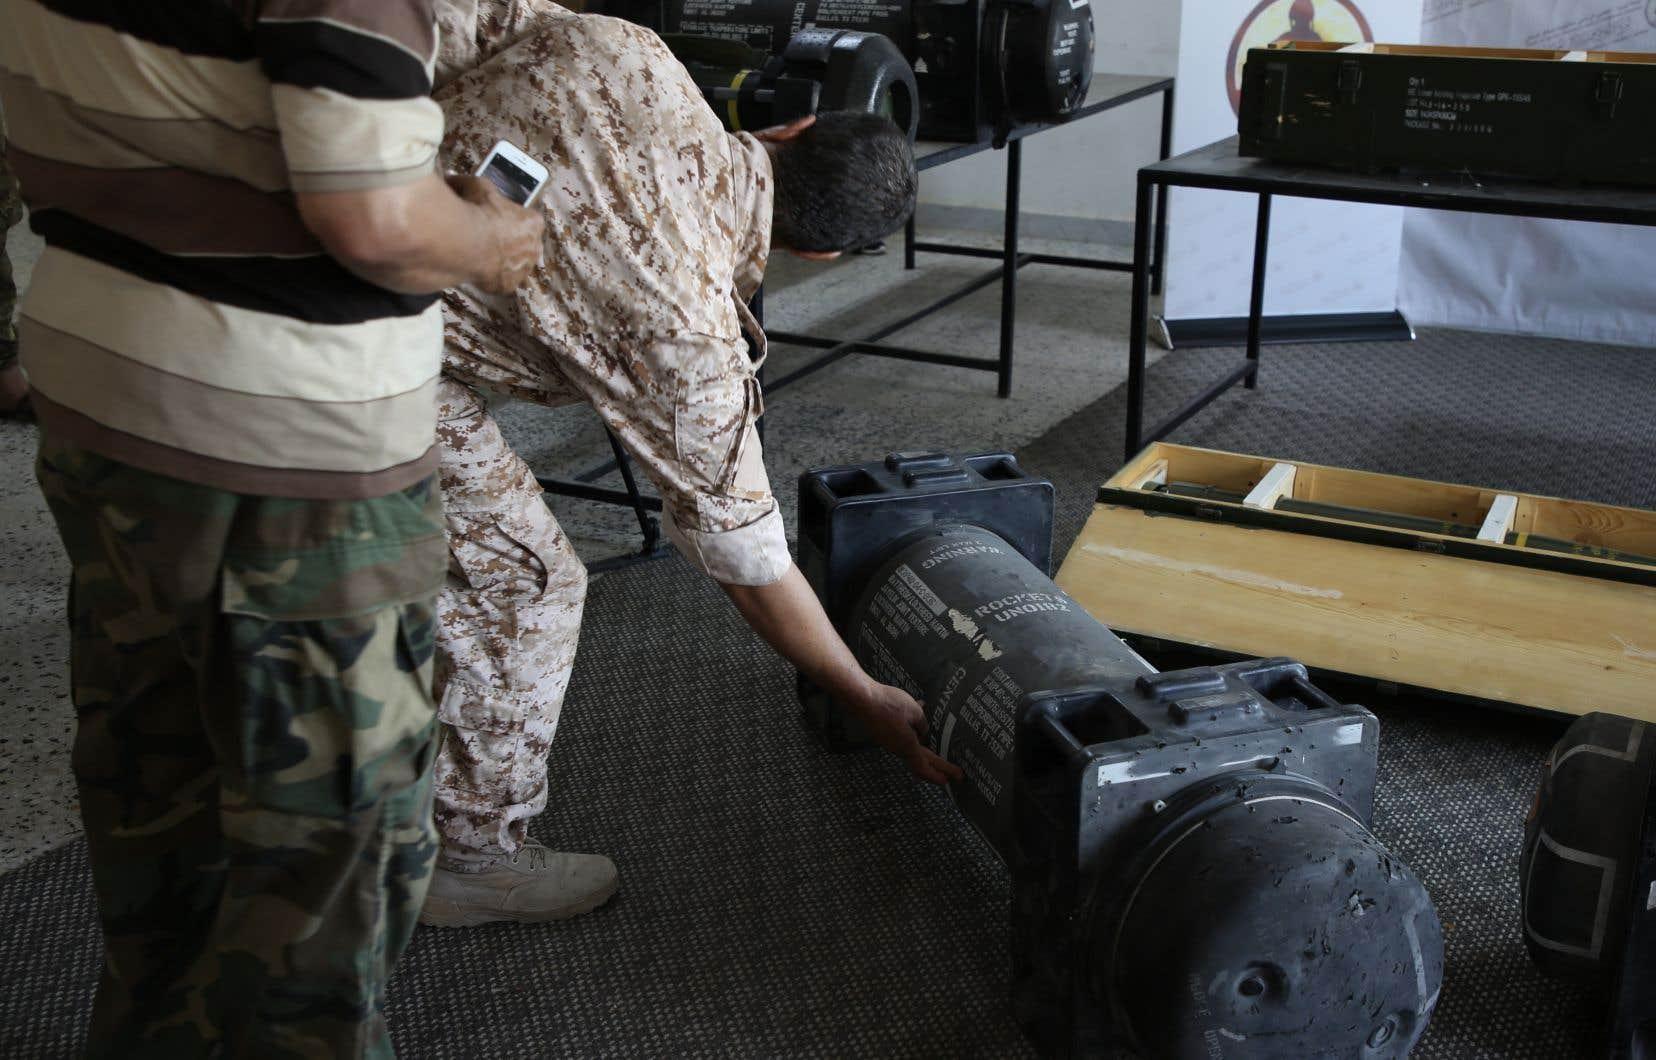 Sur les caisses en bois des projectiles Norinco, on peut lire en anglais «forces armées des Émirats arabes unis». Mais aucune référence à un autre pays outre les États-Unis, n'est visible sur les trois missiles Javelin présentés aux journalistes.